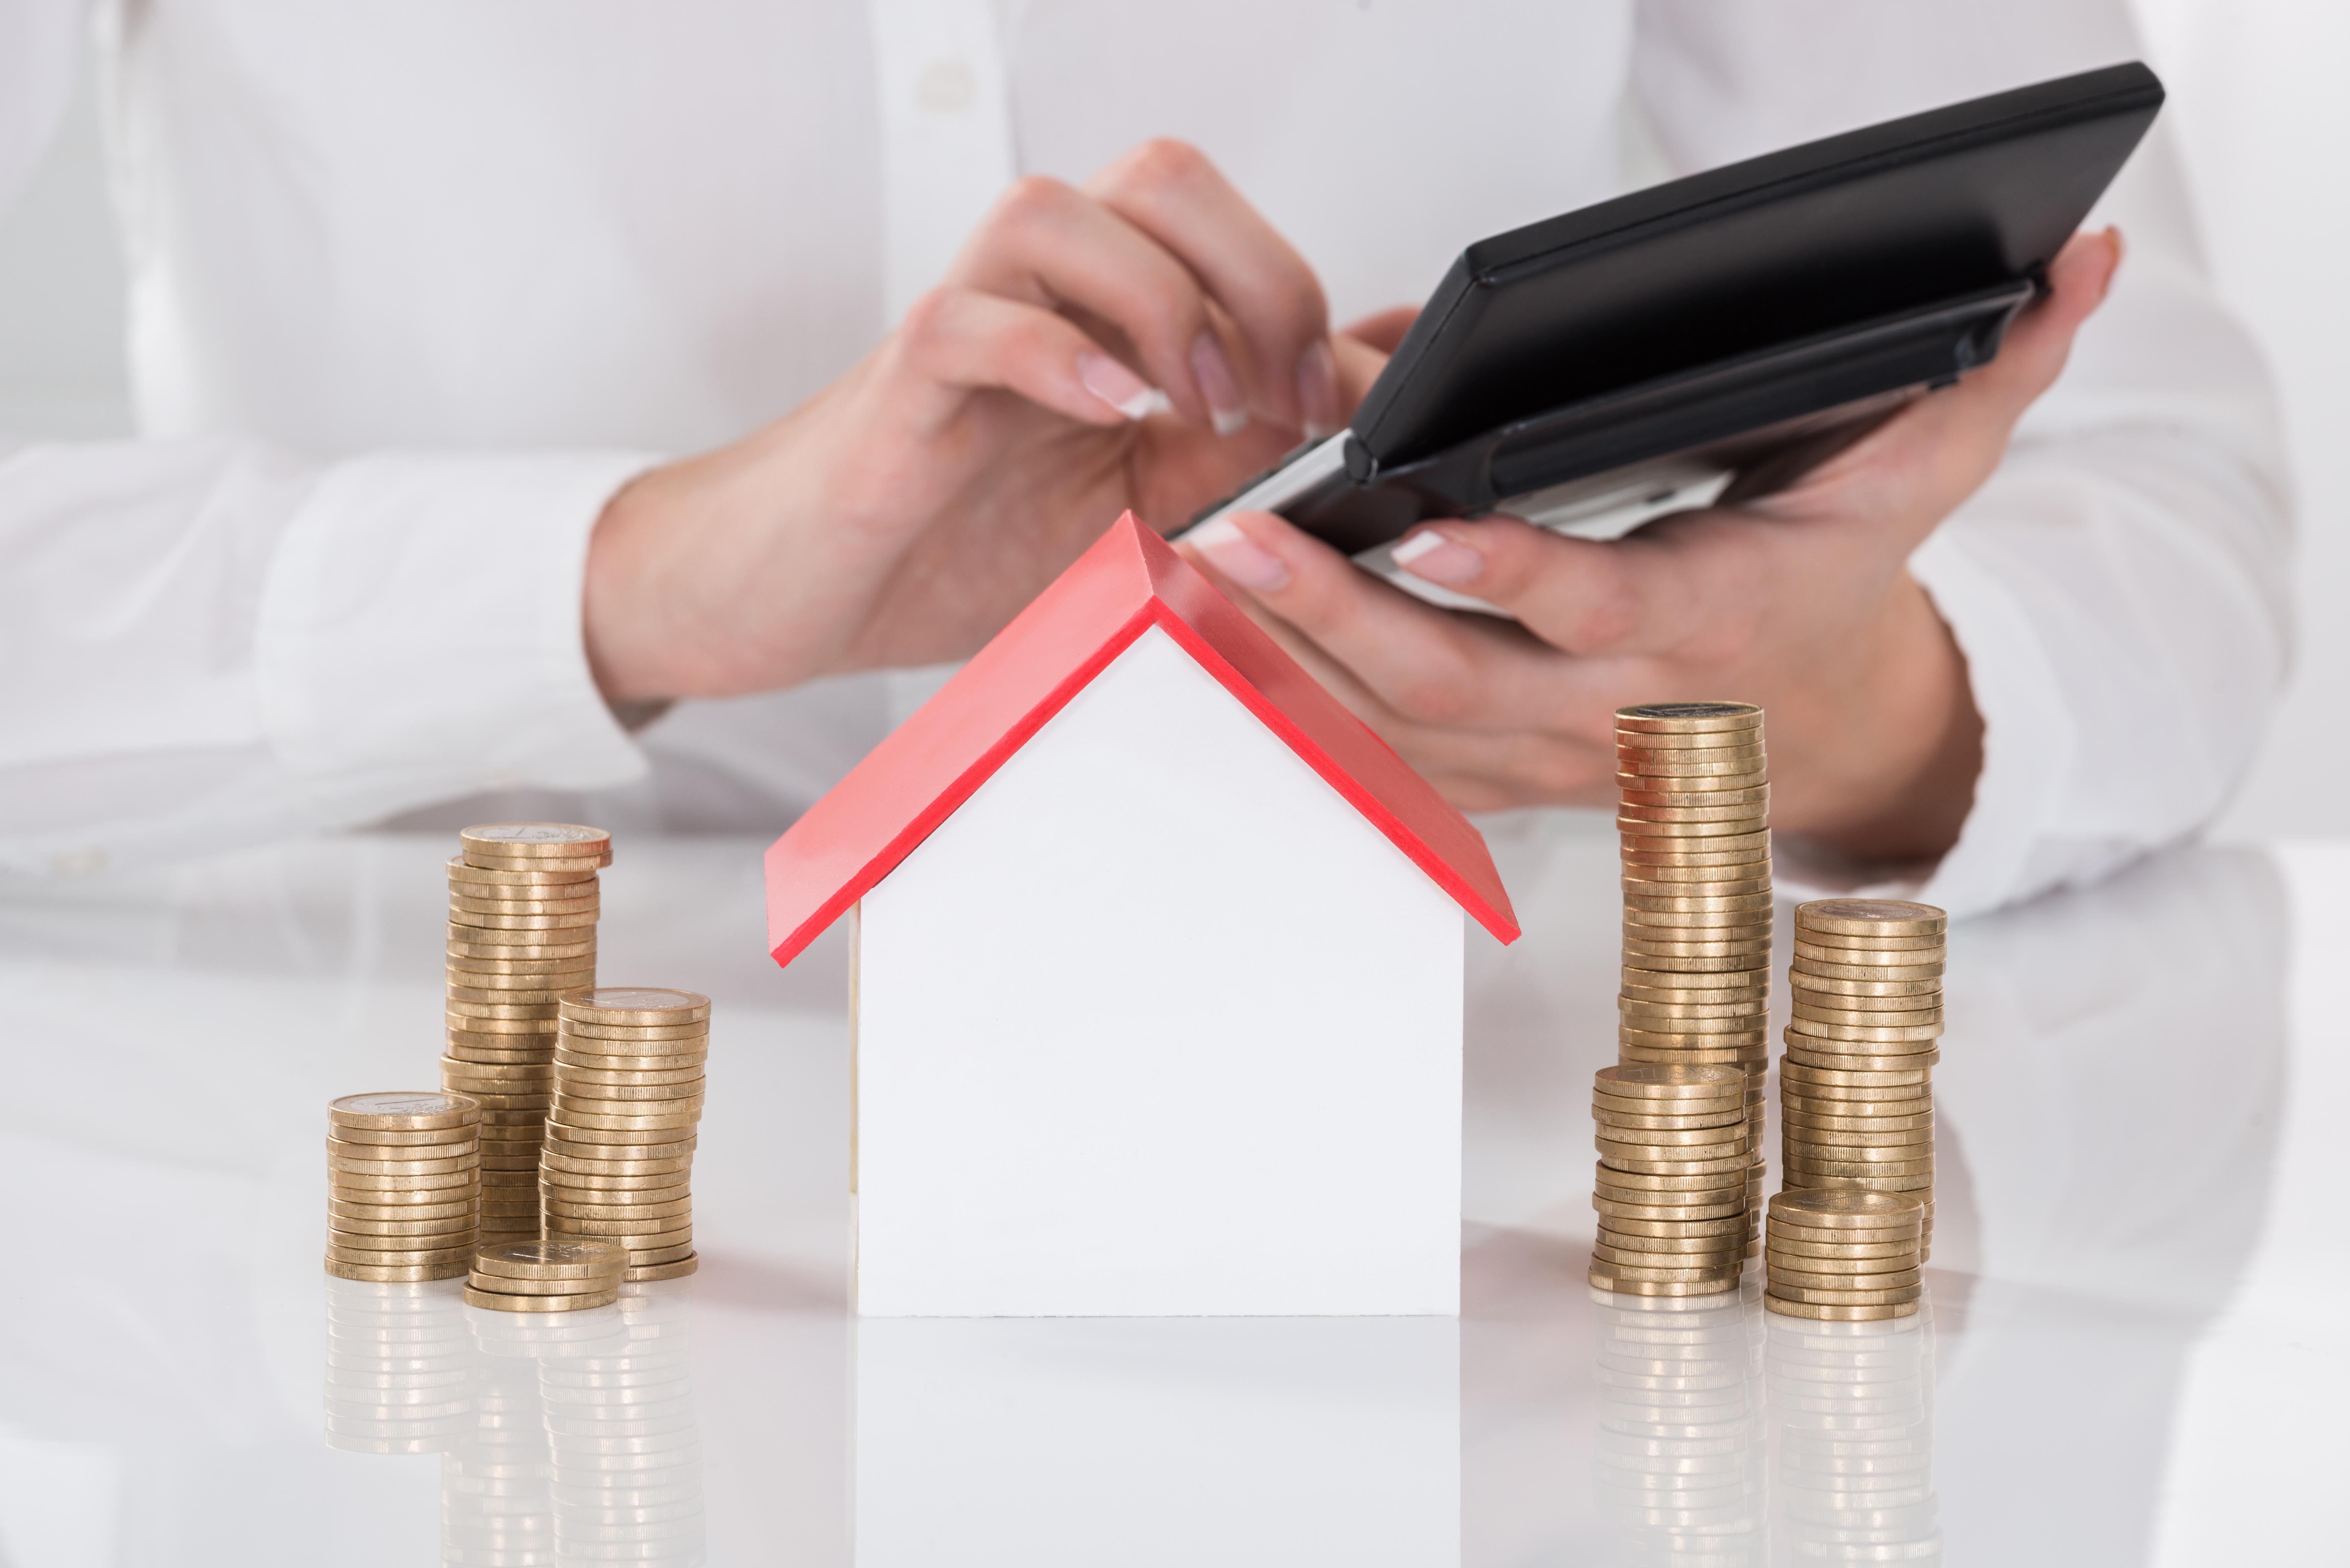 Размер налога на недвижимость рассчитывается от минимальной зарплаты